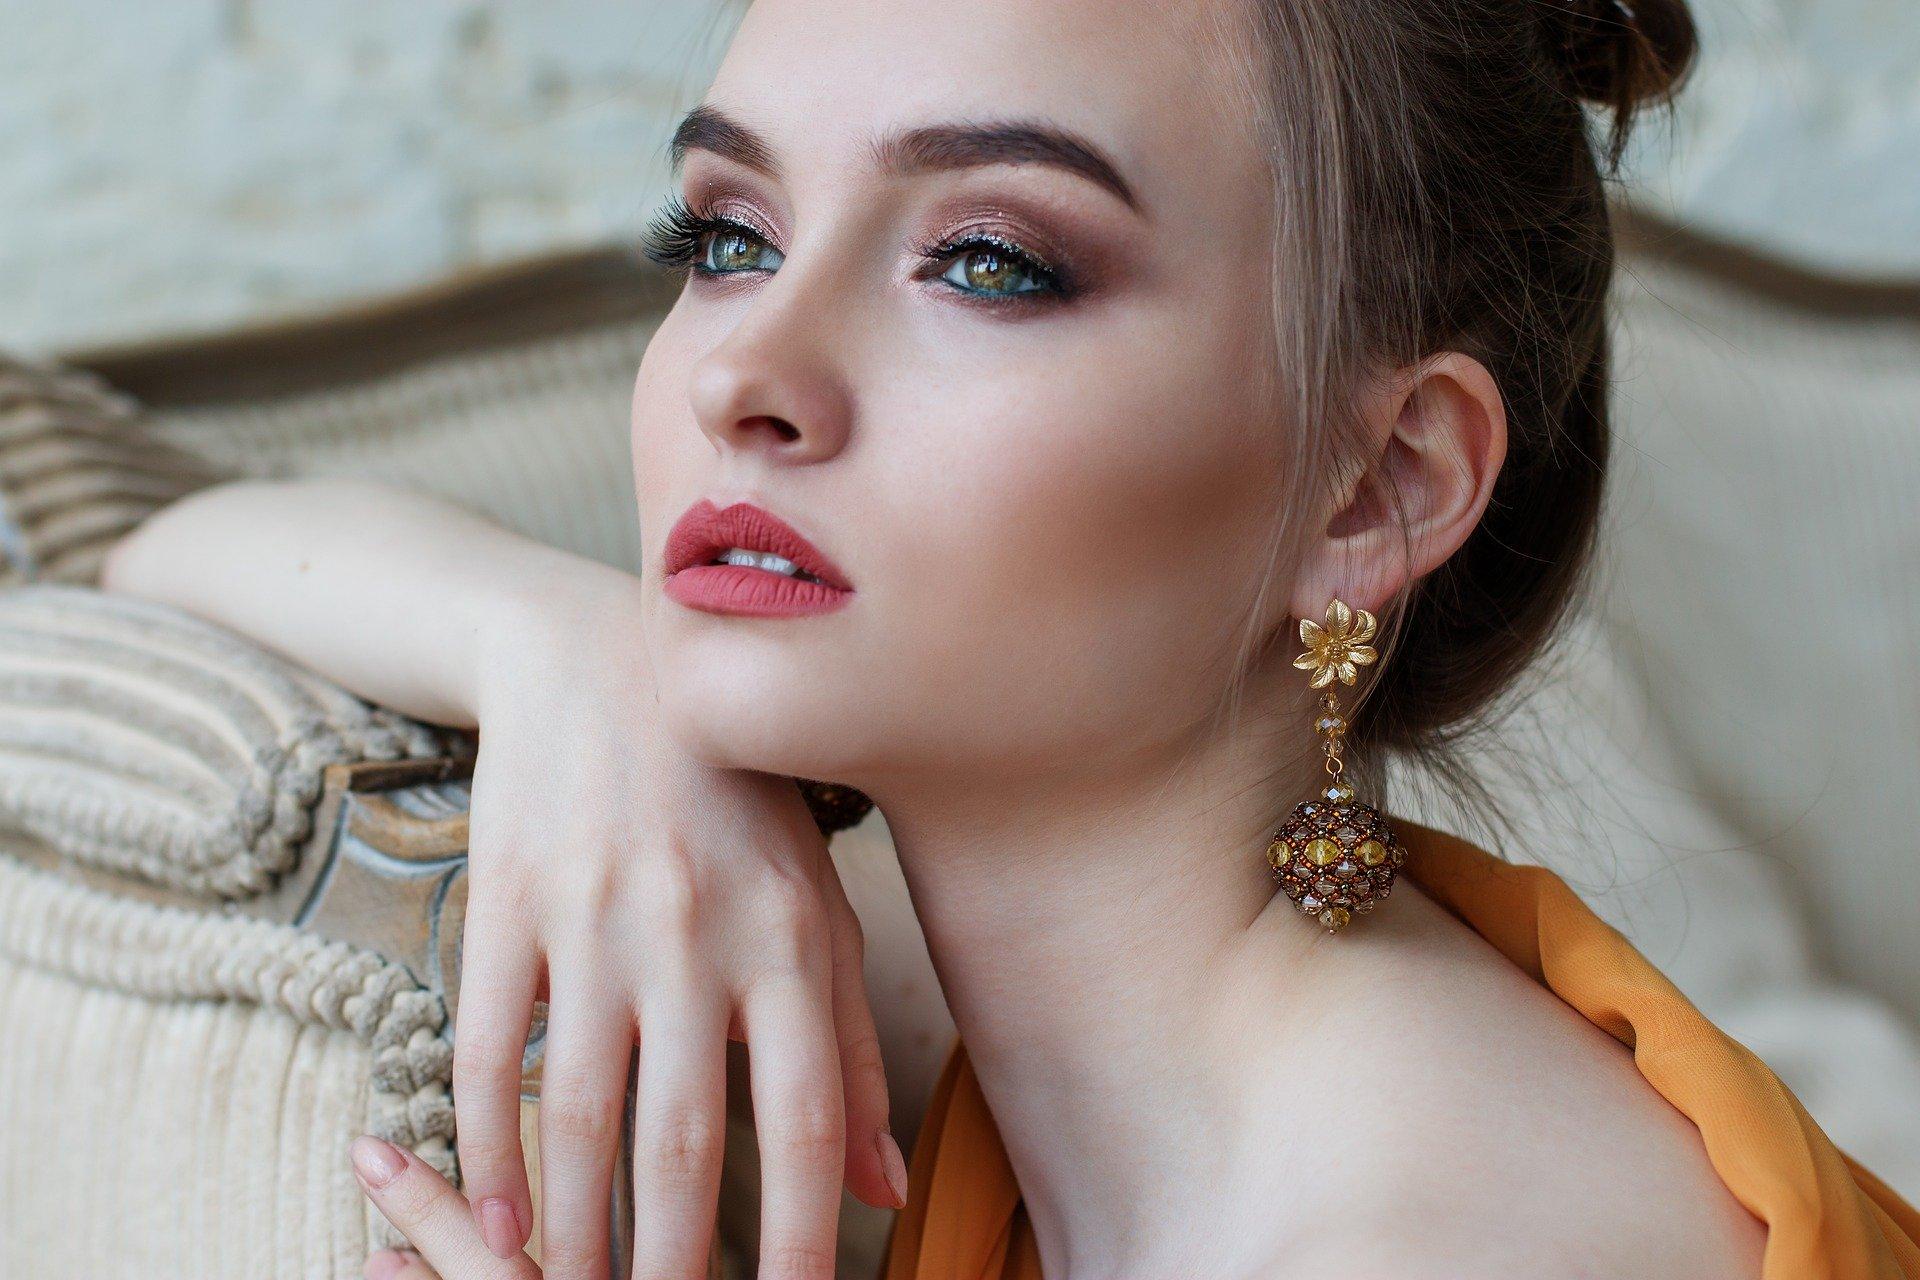 Makijaż permanentny – szczegółowe informacje o zabiegu